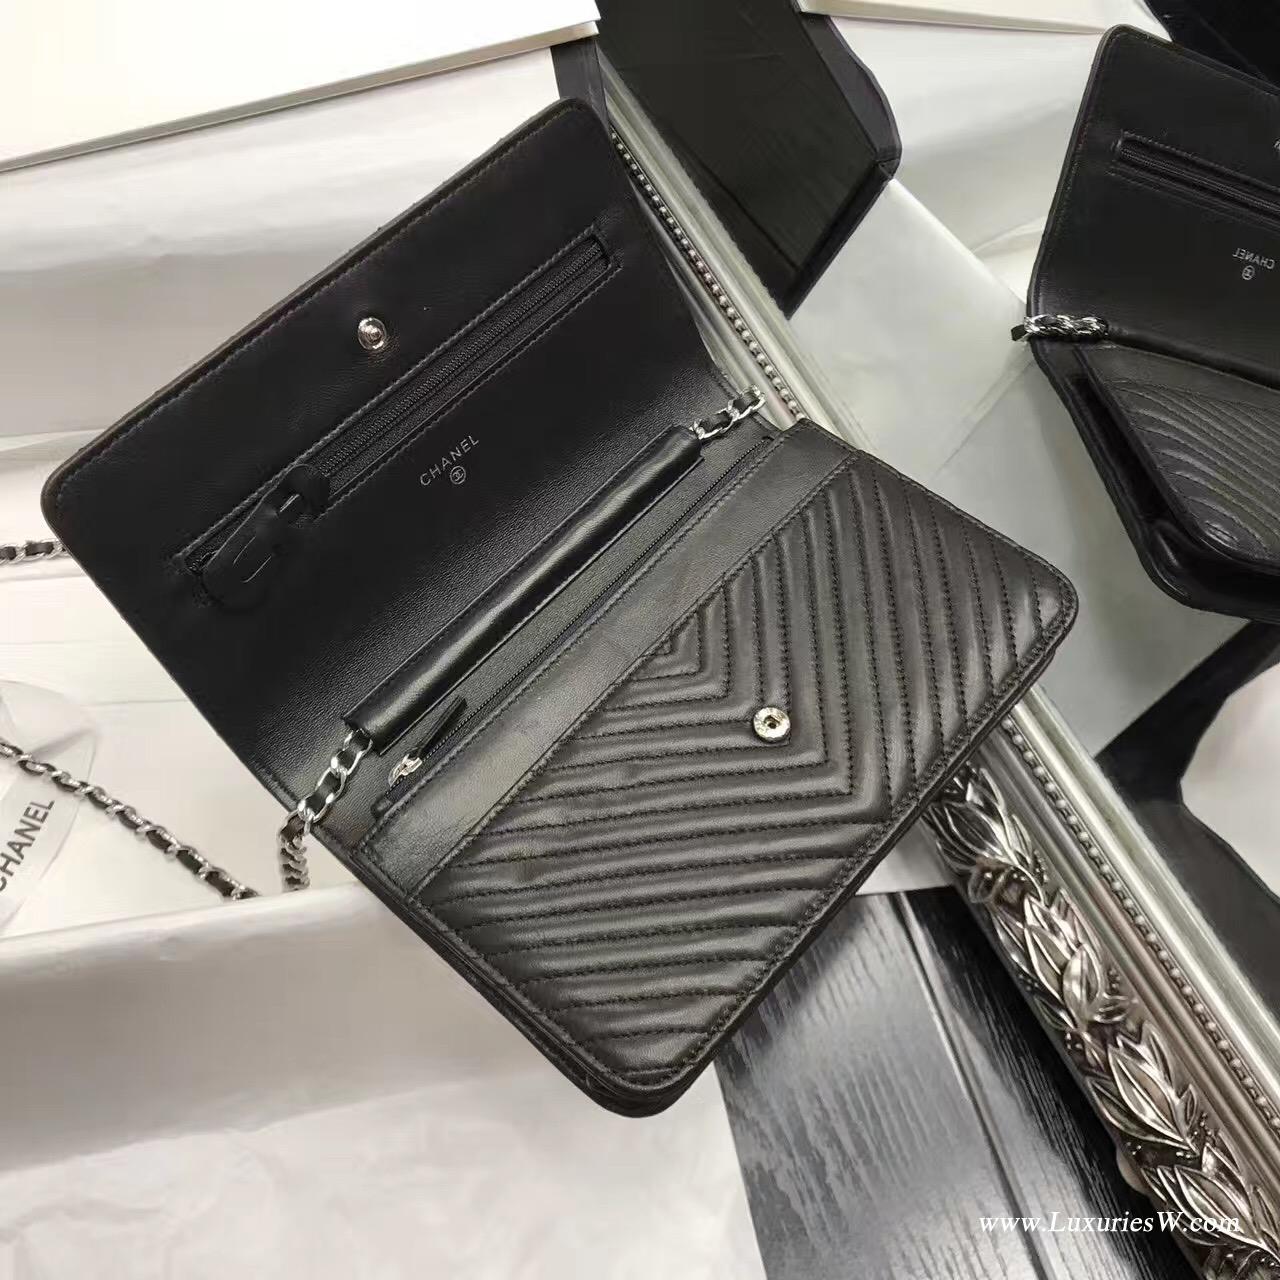 Wallet On Chain V型小羊皮经典款黑色 银色五金